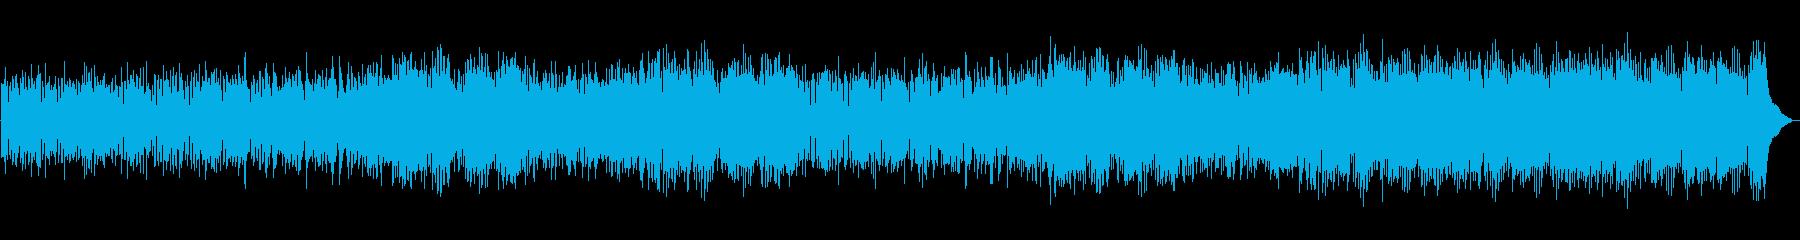 トランペット、ギター、ピアノをフィ...の再生済みの波形